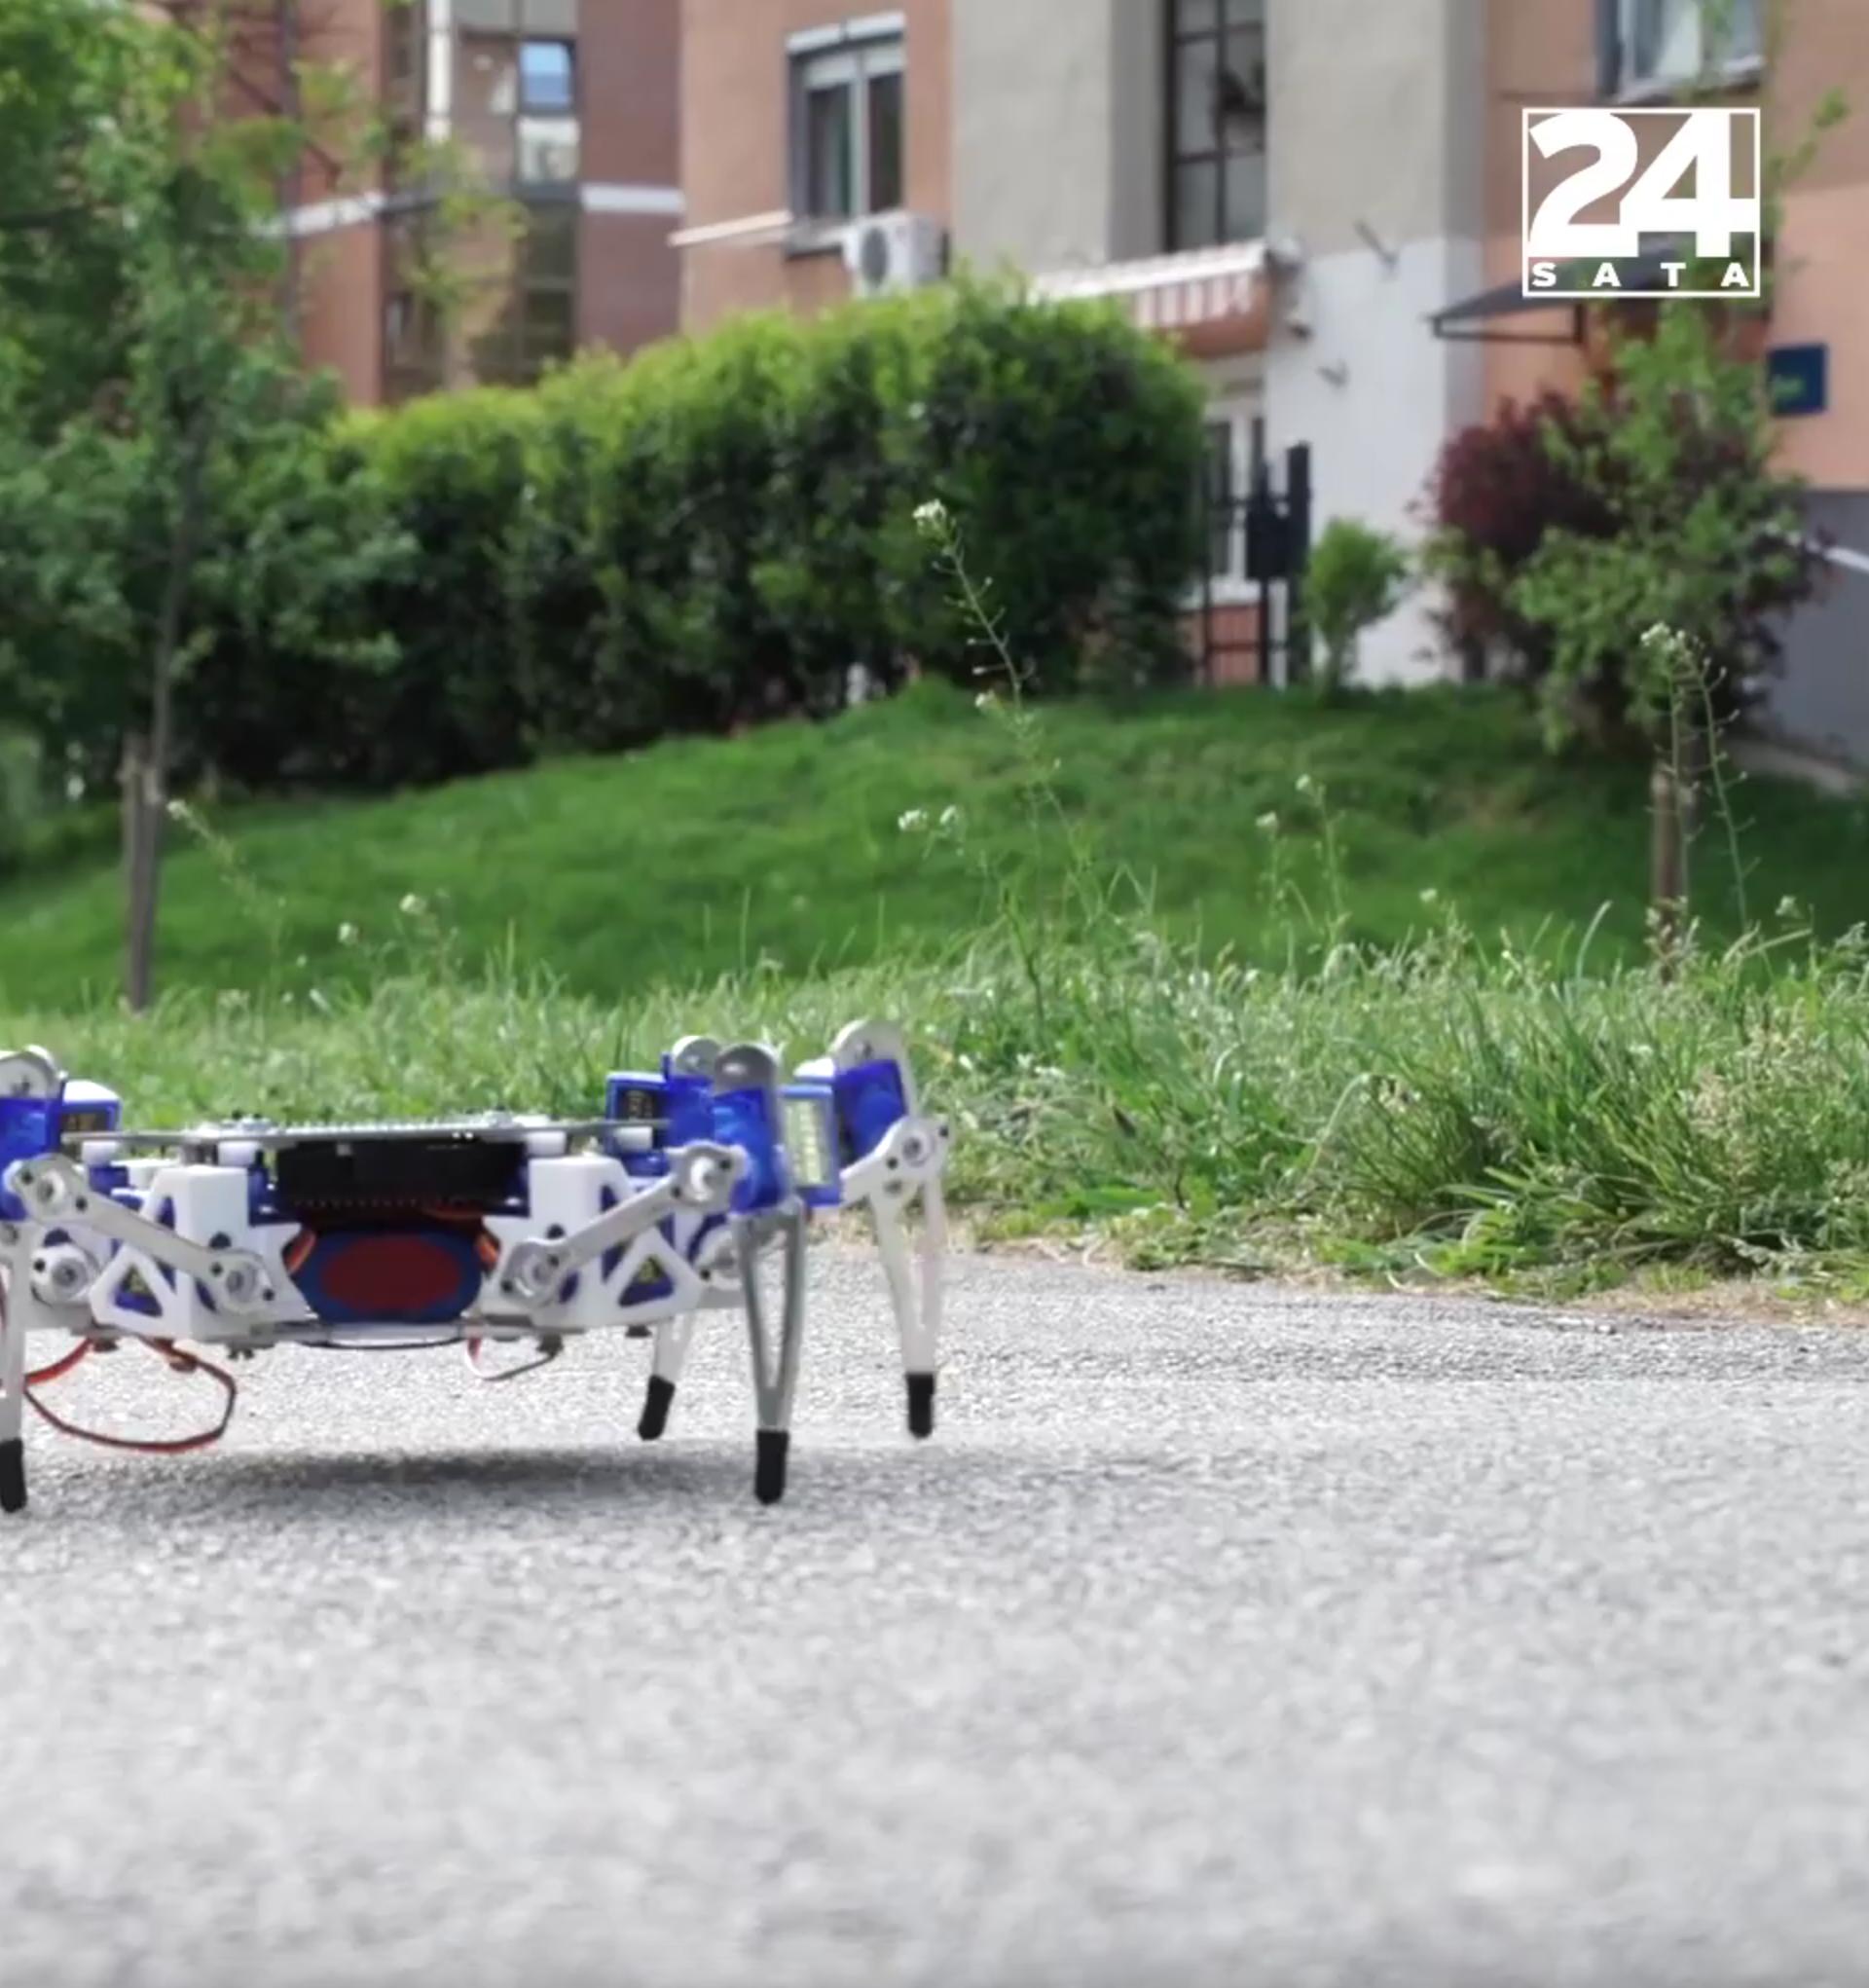 Hrvati pokorili Las Vegas: Naš robot pauk najbolji je na svijetu